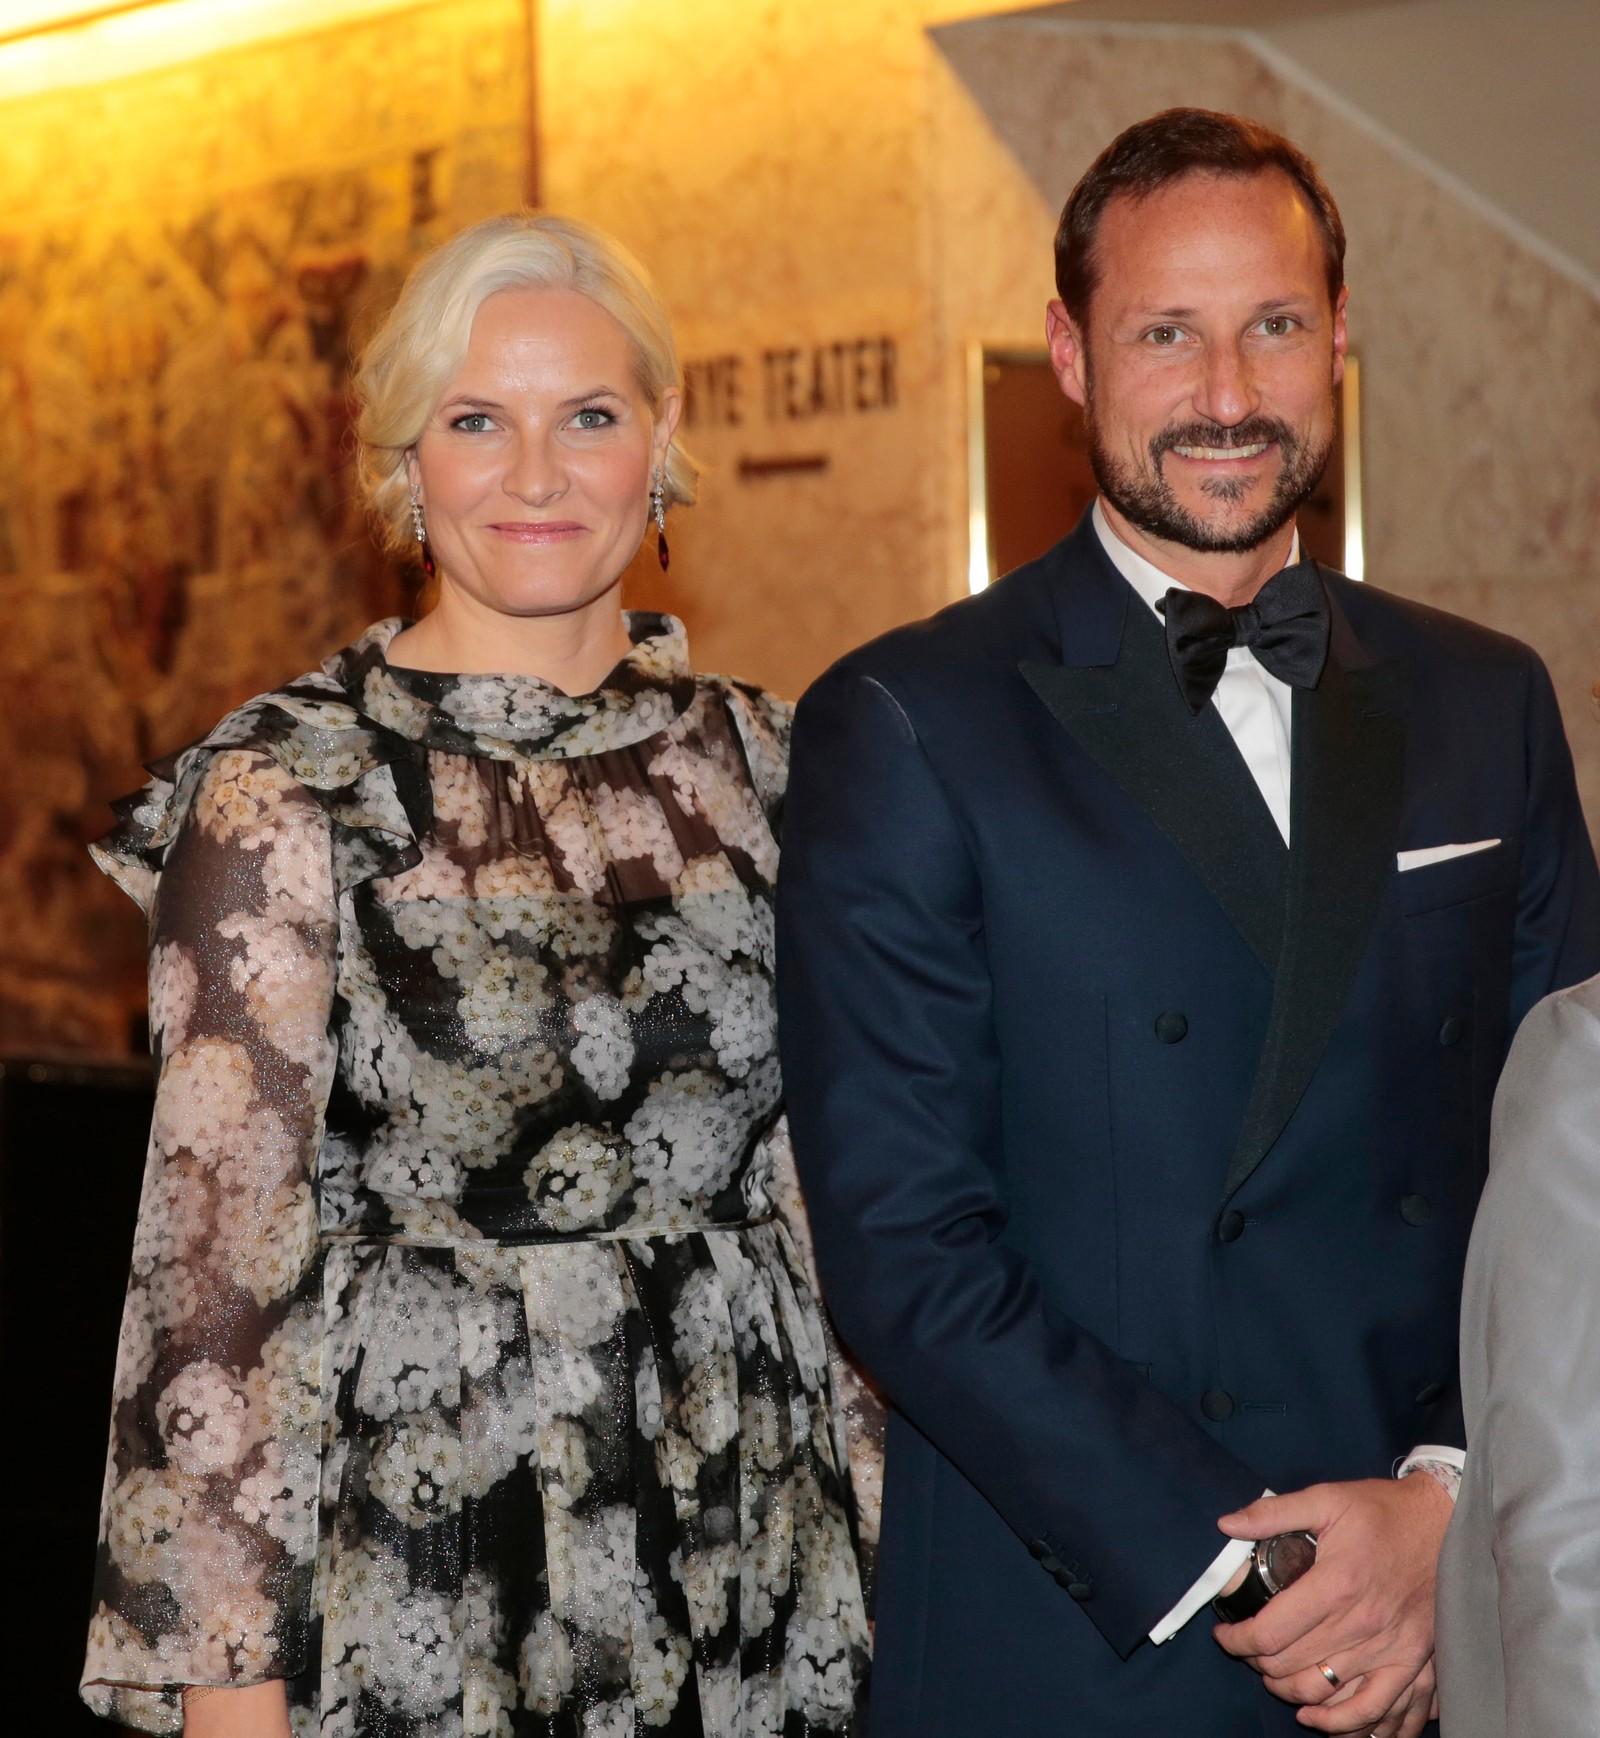 KONGELIGE GJESTER: Kronprins Haakon og kronprinsesse Mette-Marit på vei inn til Nobelbanketten på Grand Hotel.